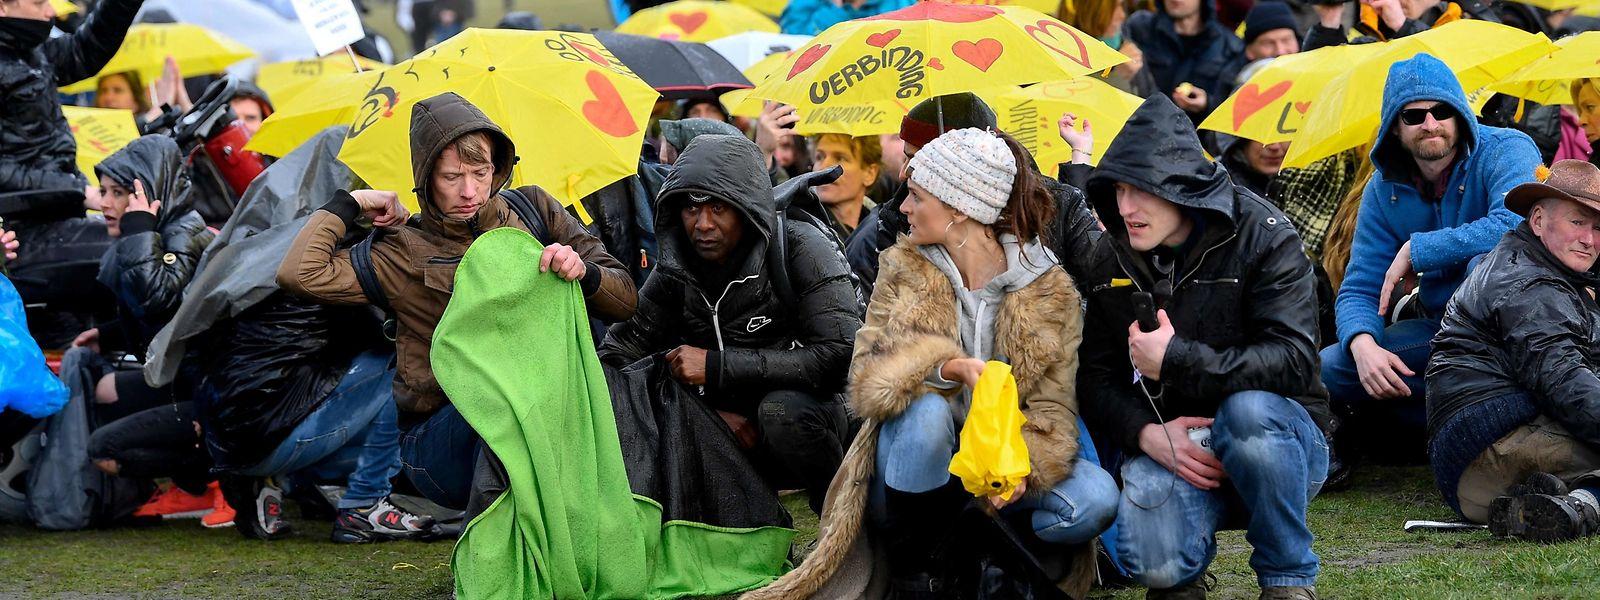 Ce week-end, 101 petites manifestations ont été organisées en Belgique pour sauver le climat.